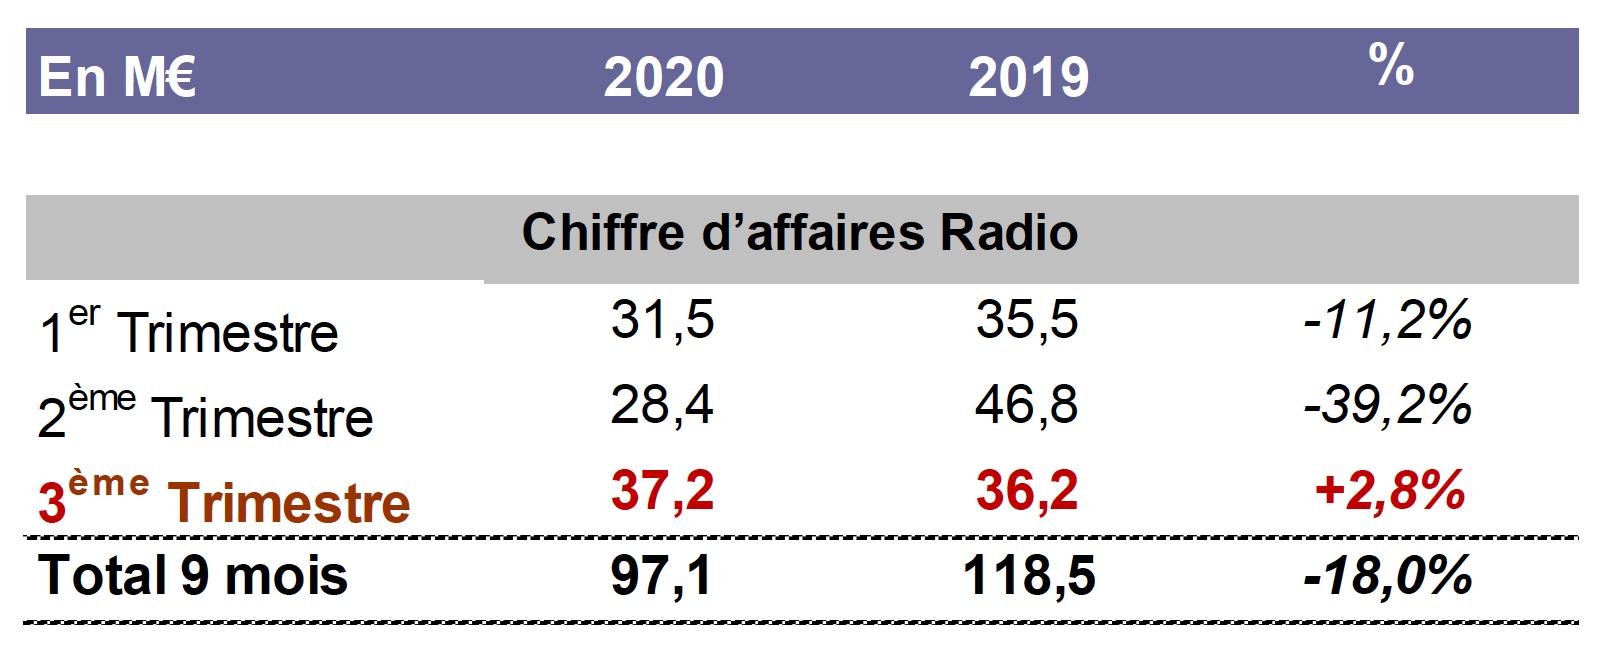 M6 Groupe : hausse du chiffre d'affaires des radios